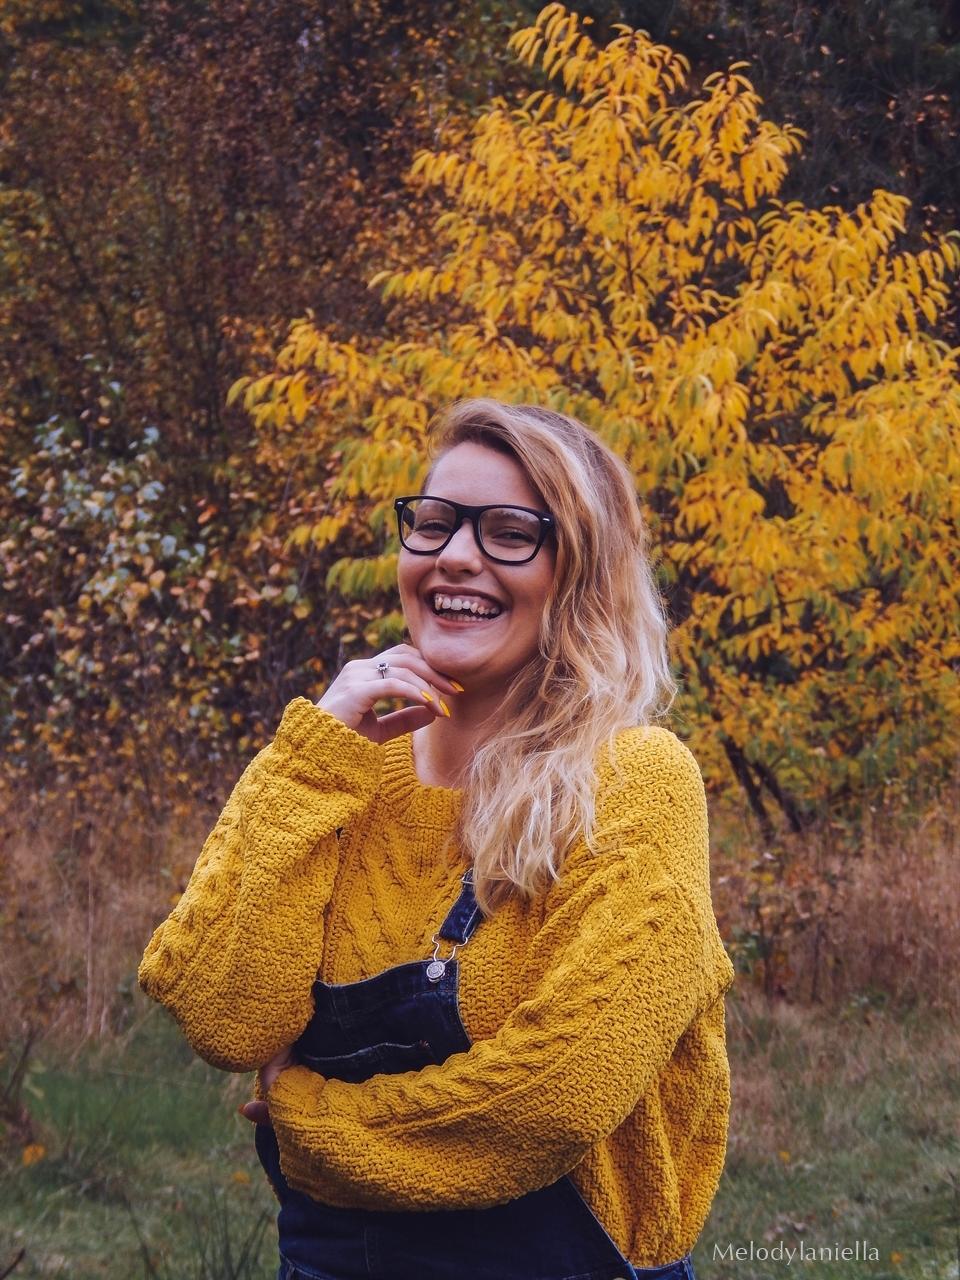 14 jeansowe długie ogrodniczki z czym nosić żółty sweter zakupy w primark ceny jakość daniel wellington opinie zegarki stylizacja minionek cosplay jeansowe buty łuków okulary zerówki blond fryzury